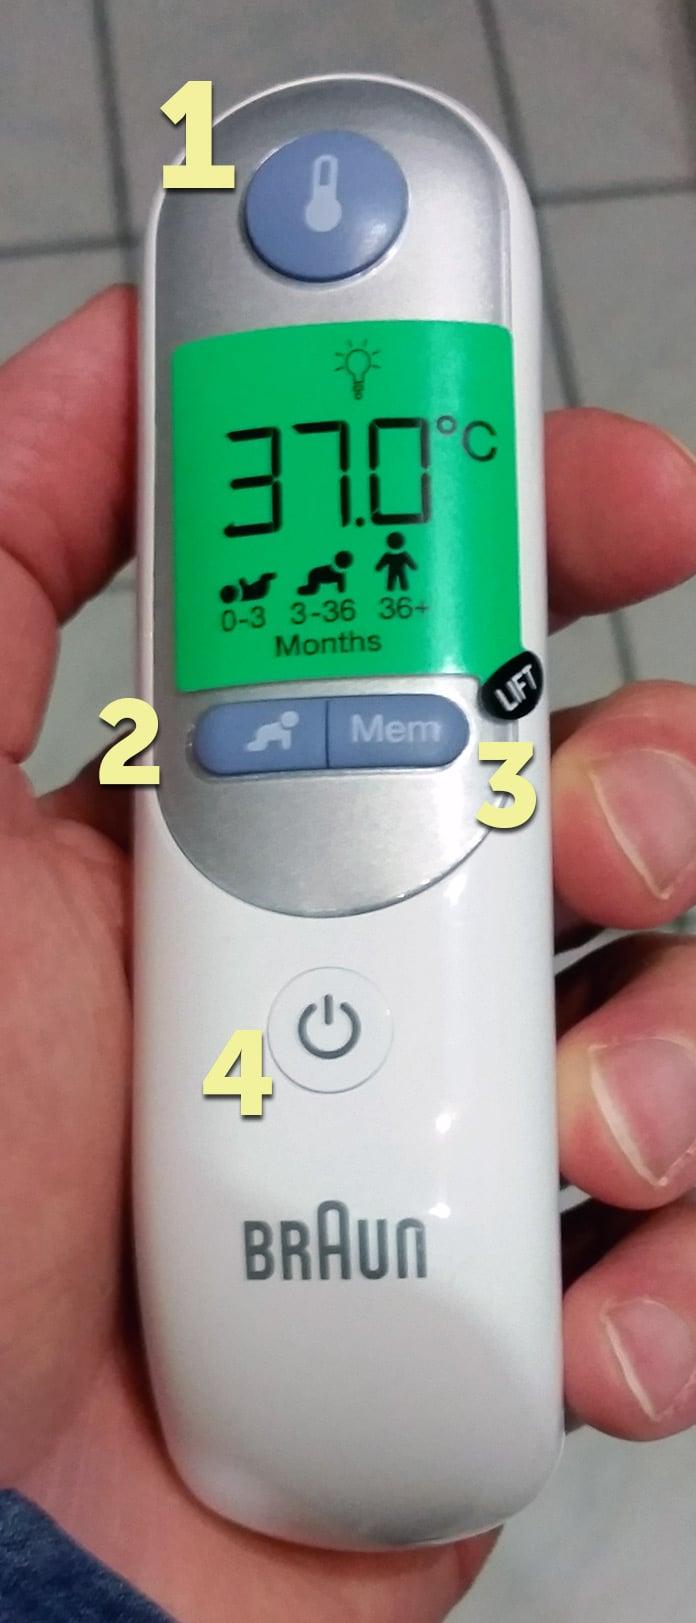 Braun Thermoscan 7 Bedienelemente